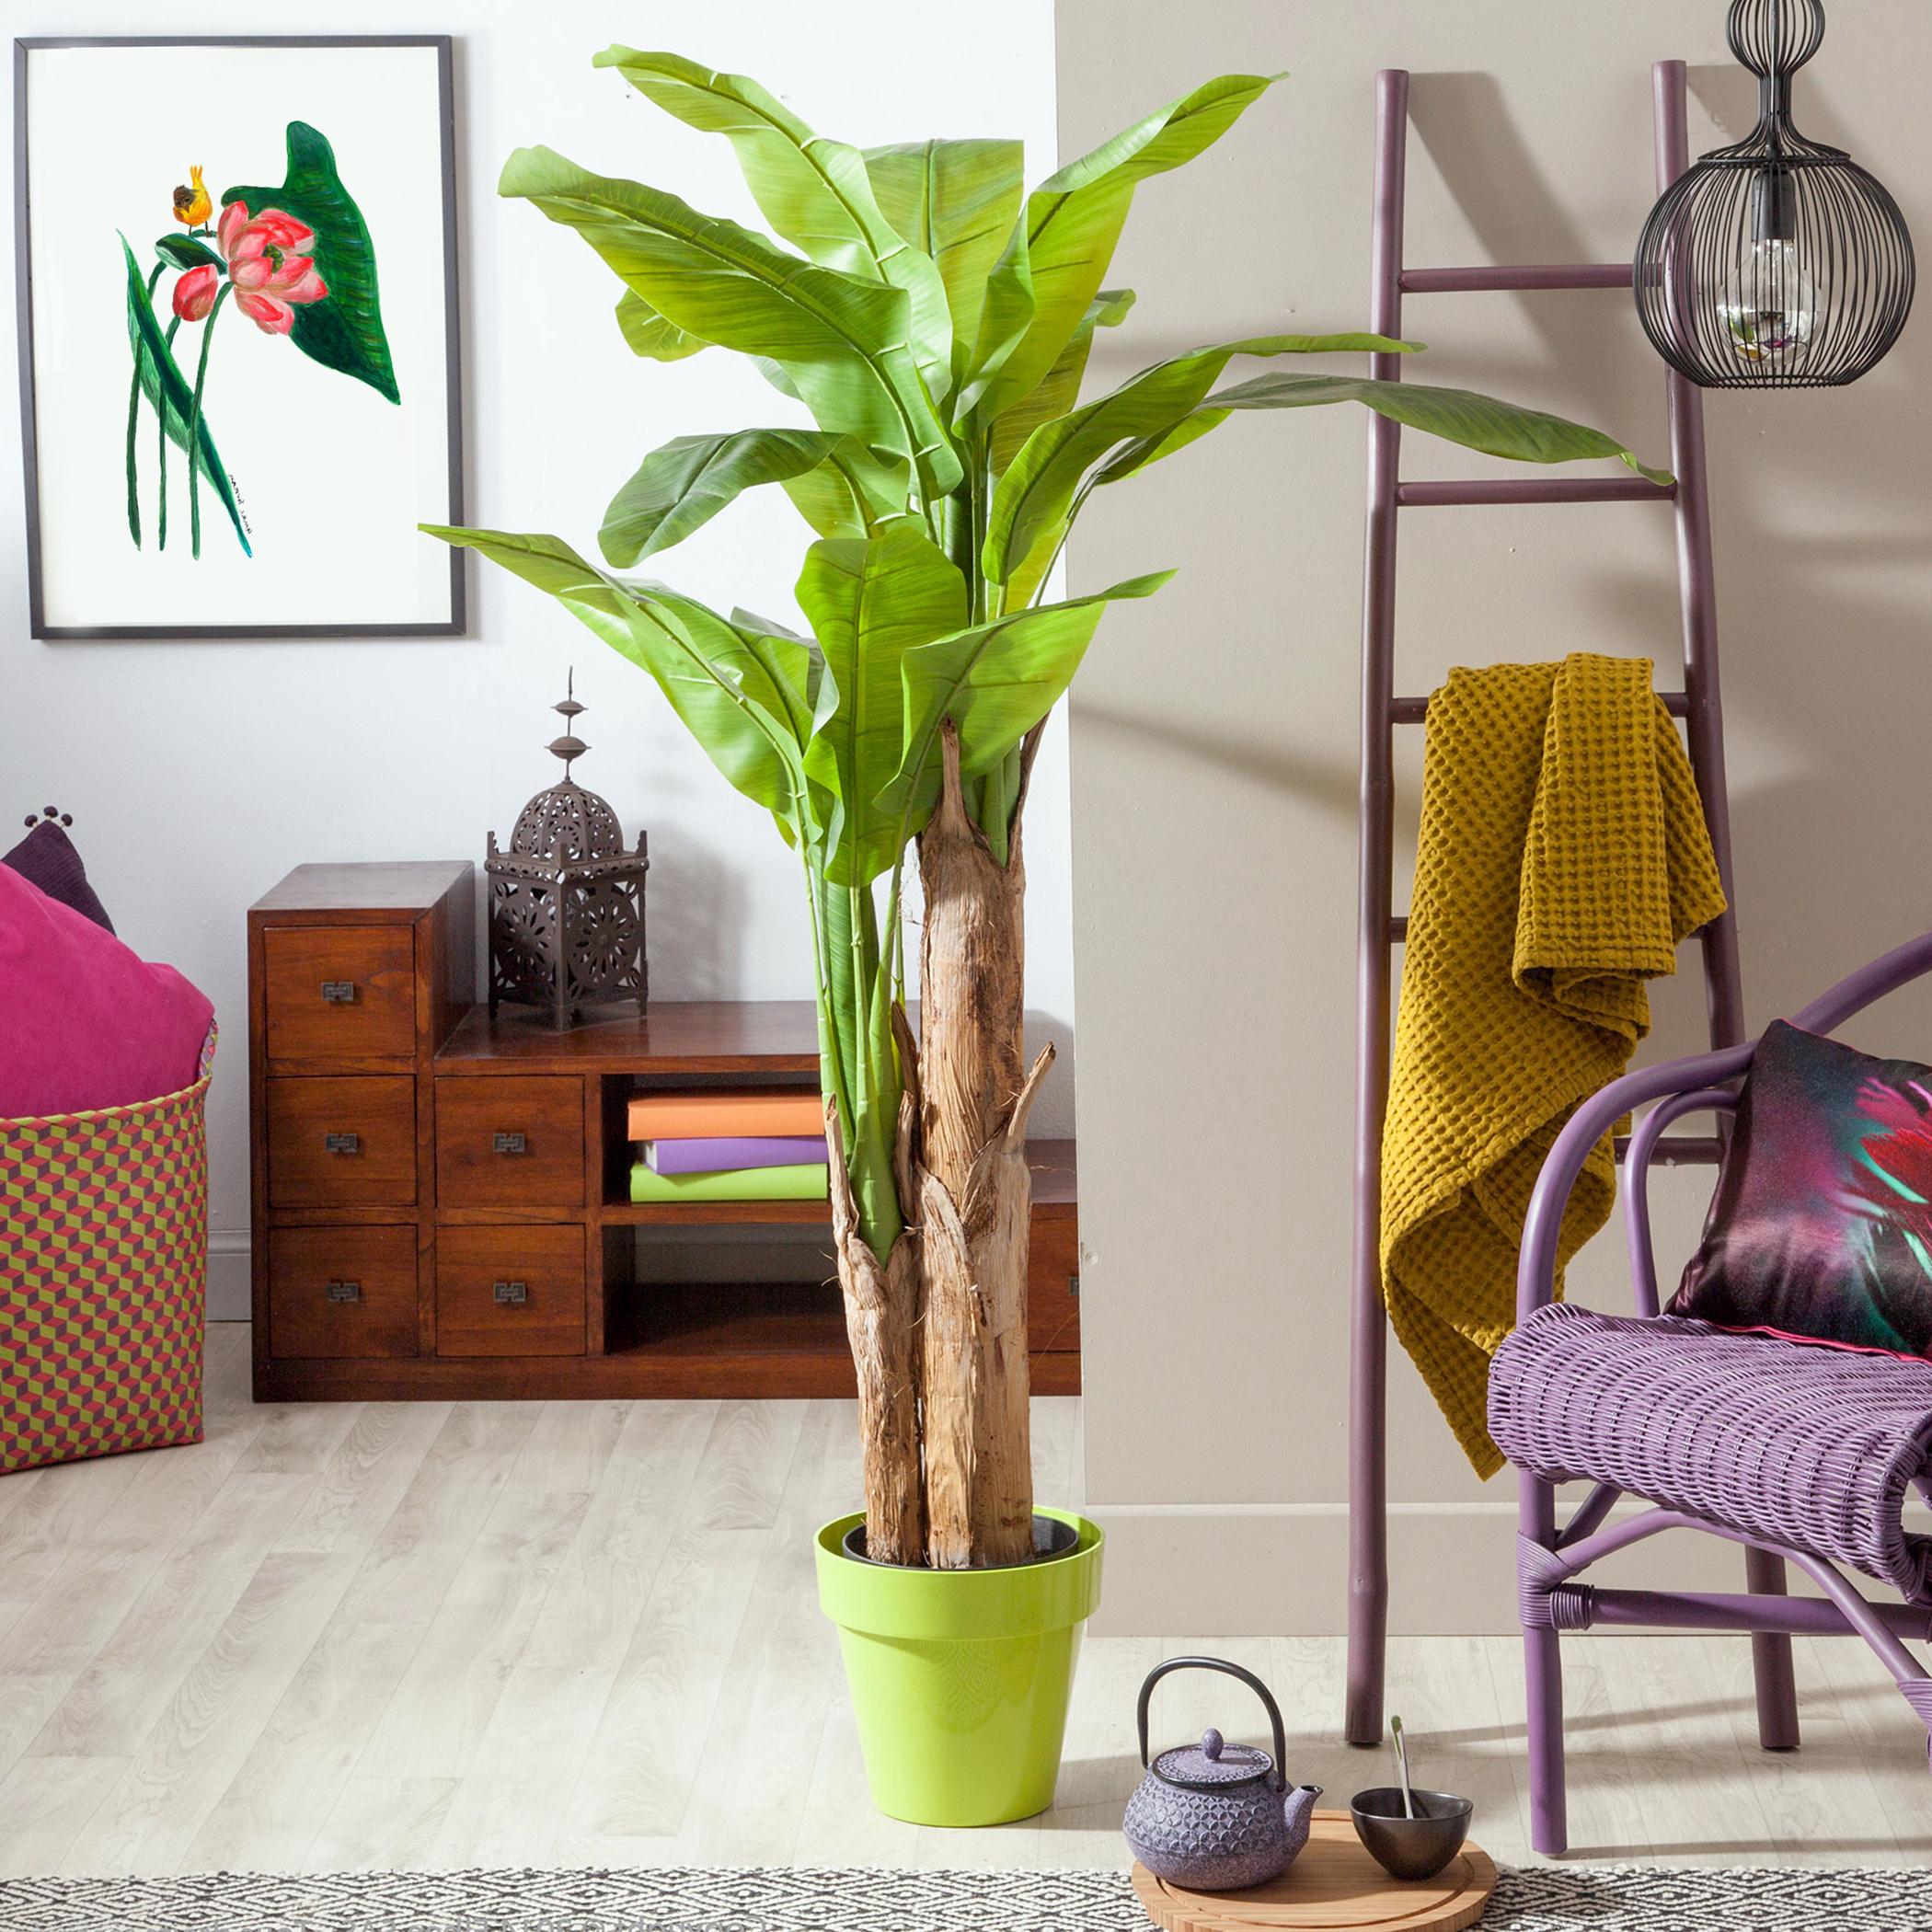 Bananų medis namuose